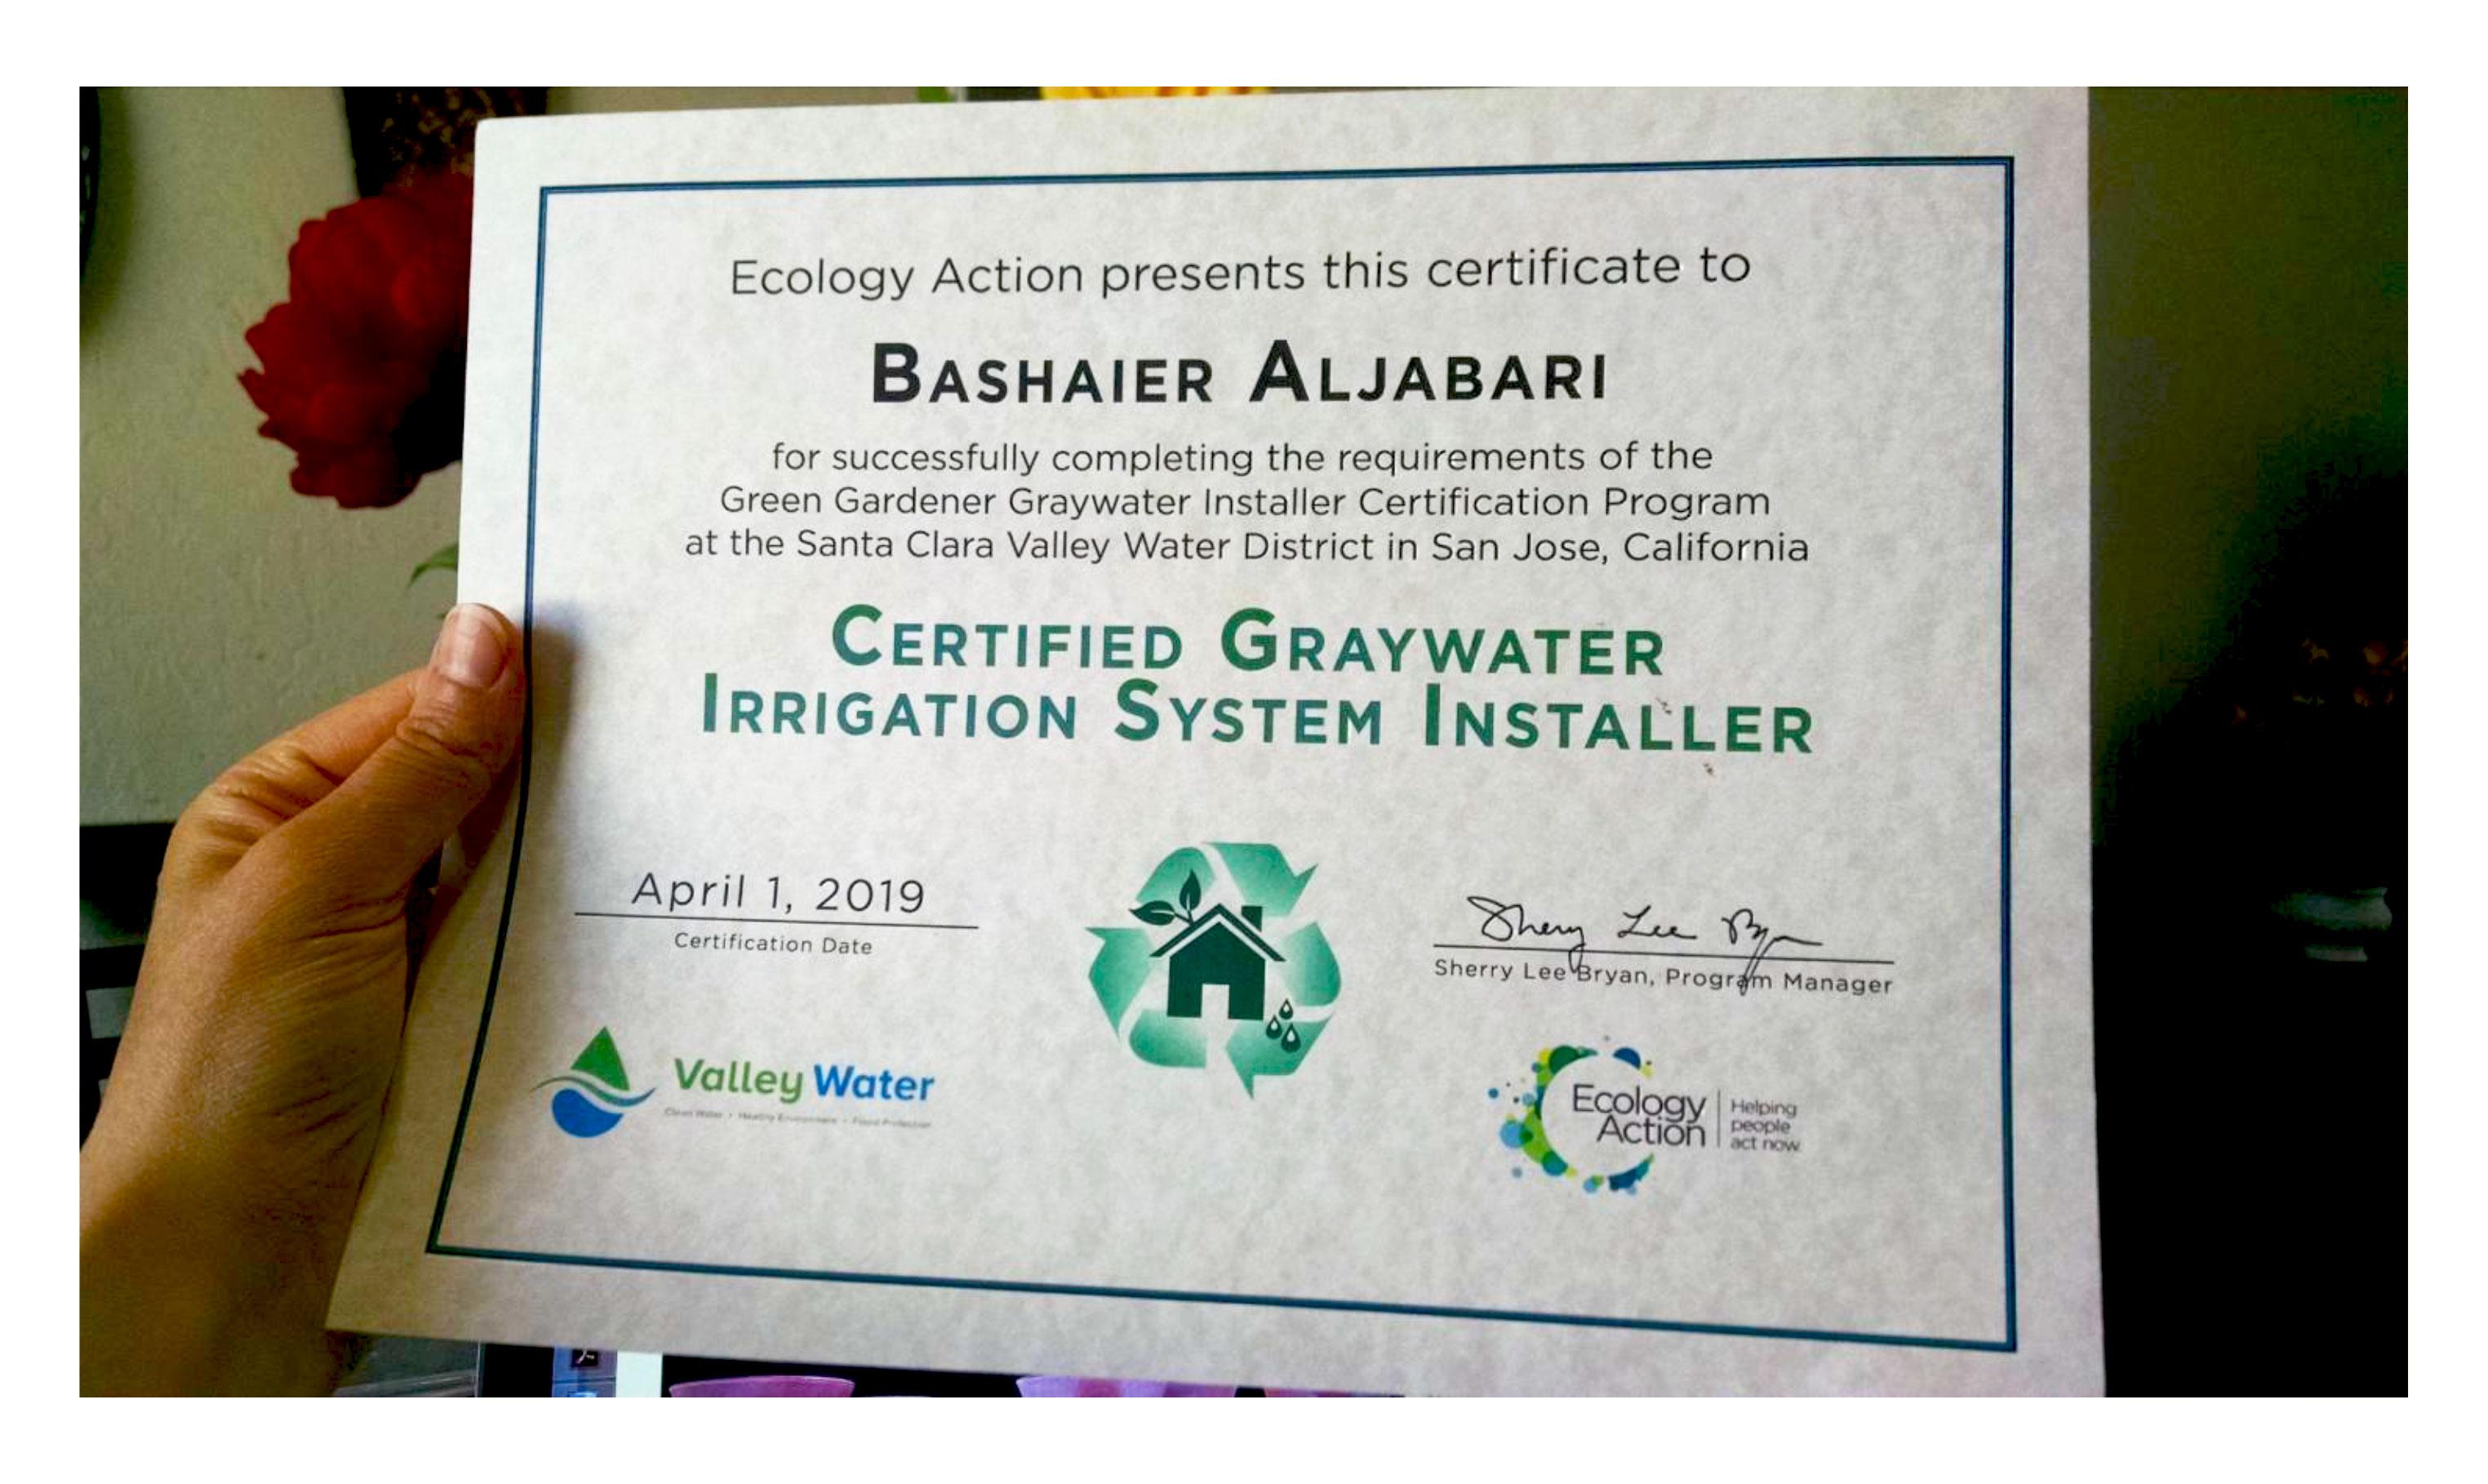 Greywater Installer Certification